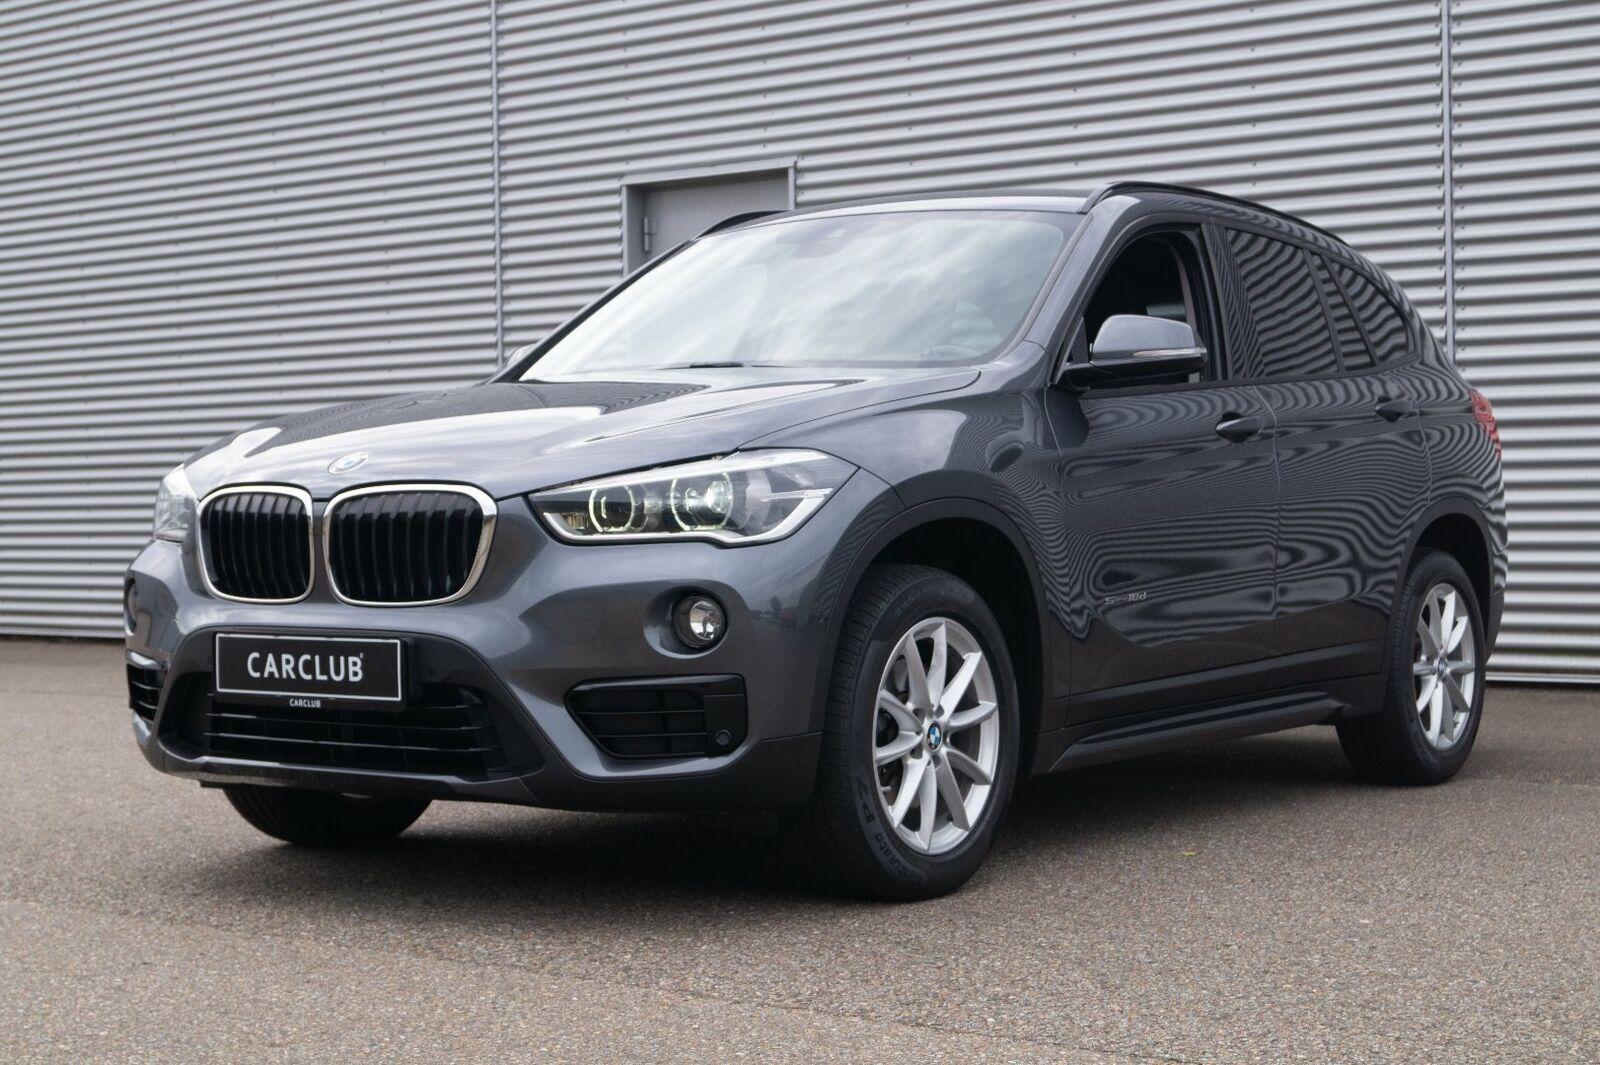 BMW X1 2,0 sDrive18d aut. 5d - 309.900 kr.